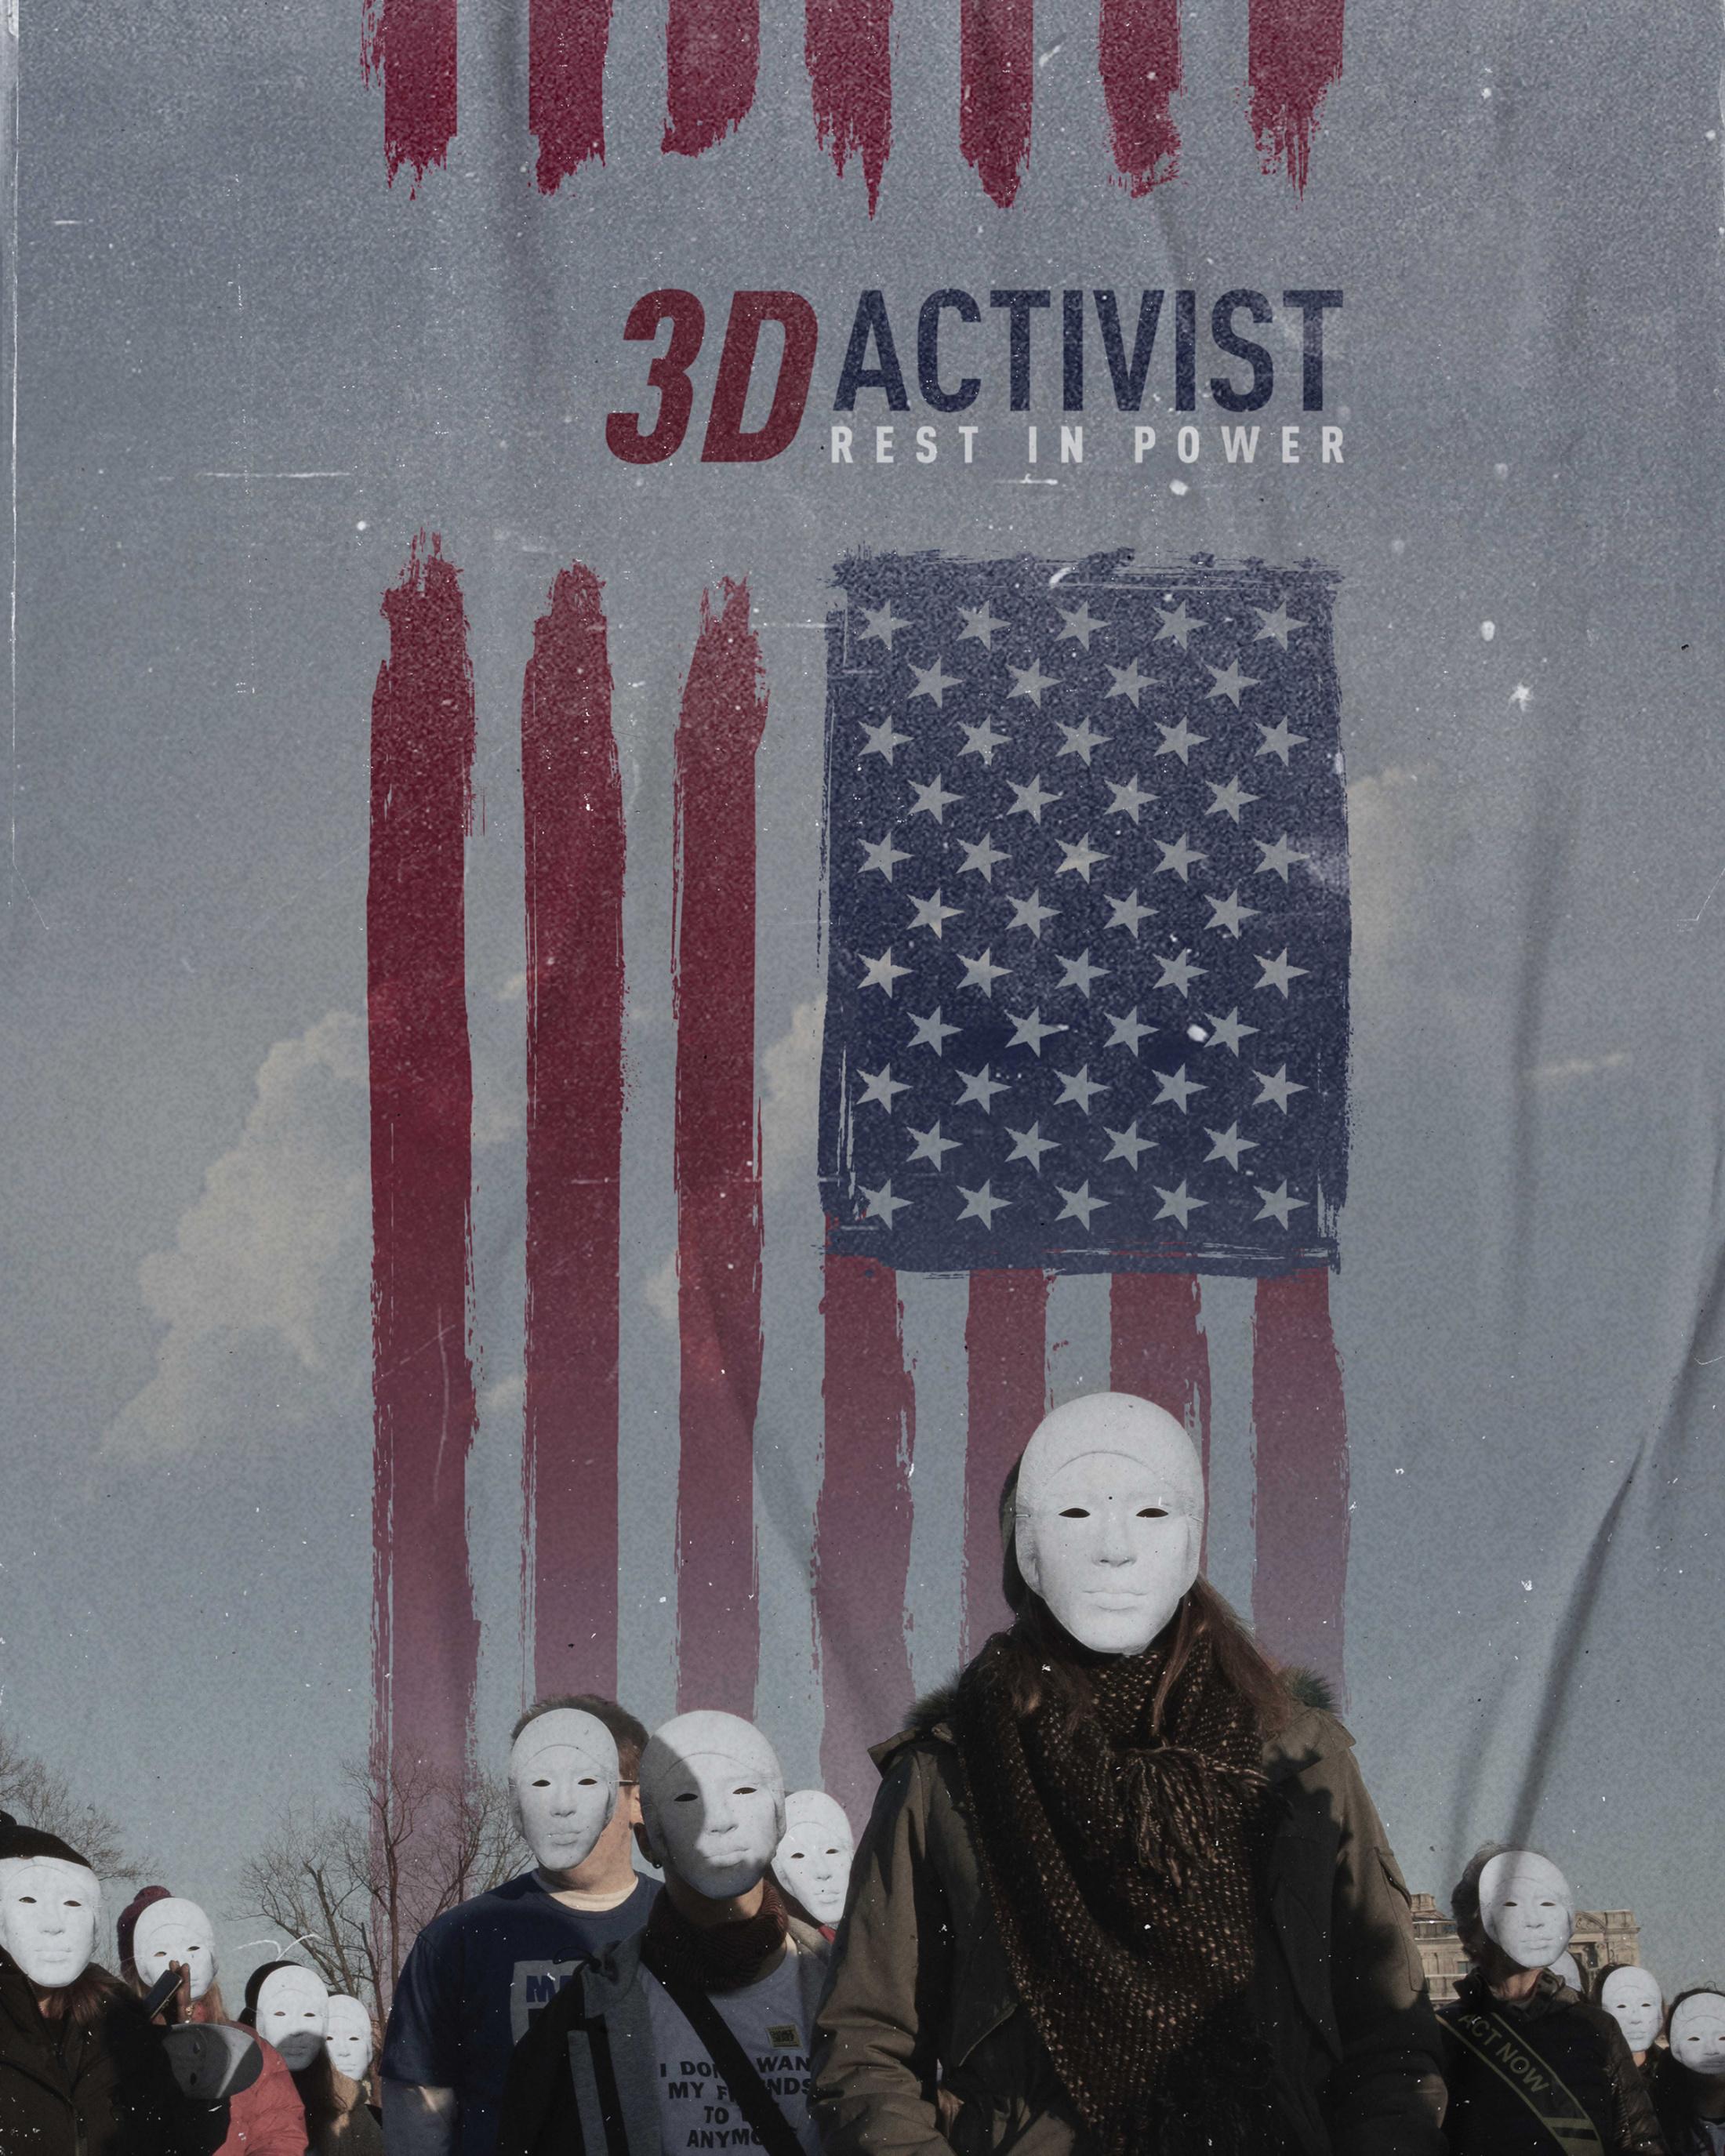 Thumbnail for 3D Activist